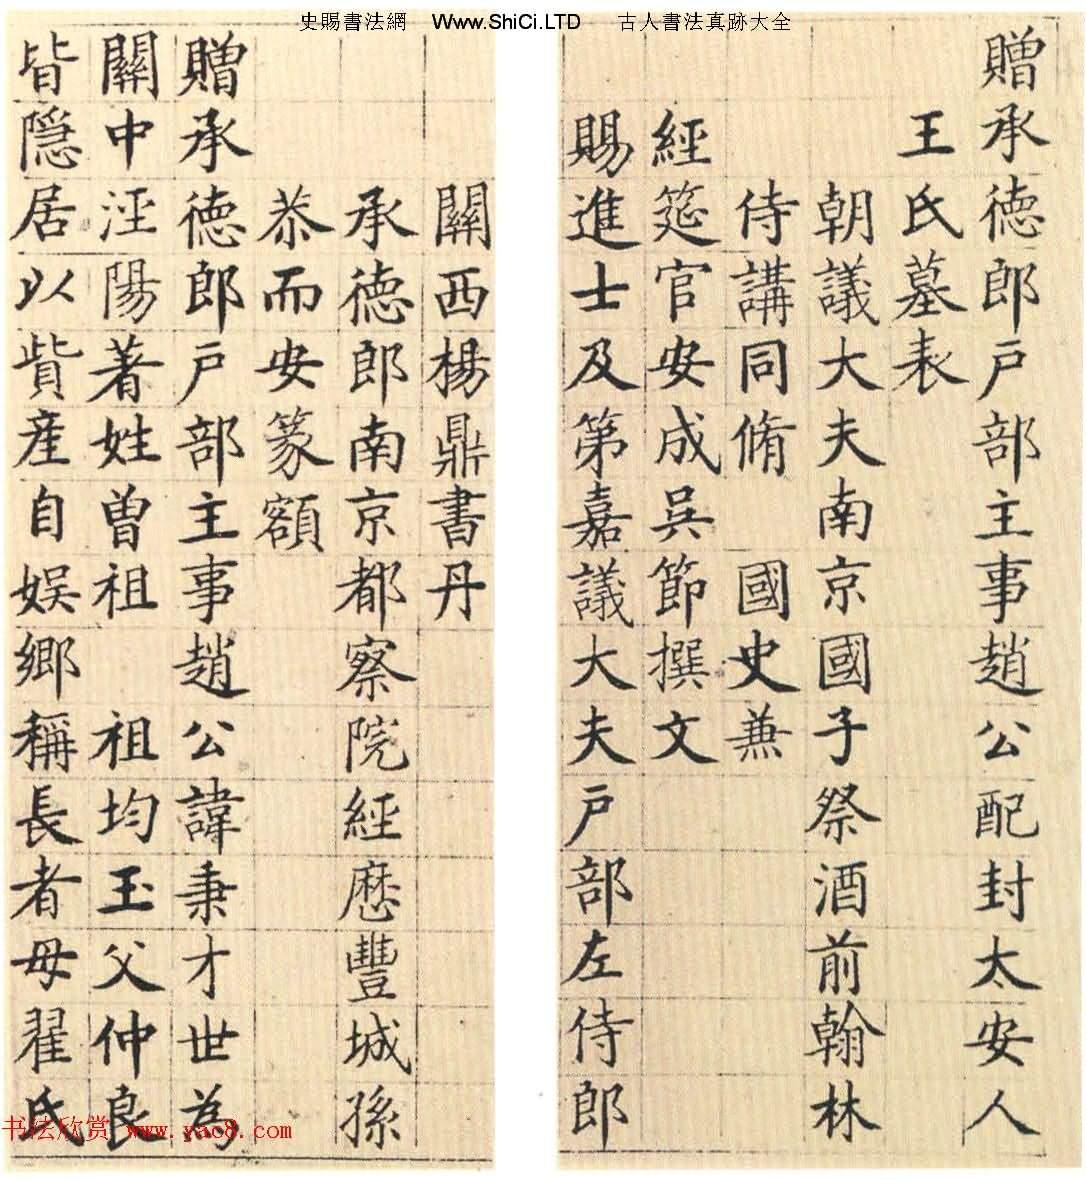 明代楊鼎楷書賞析《趙屏才暨太安人墓表》(共7張圖片)